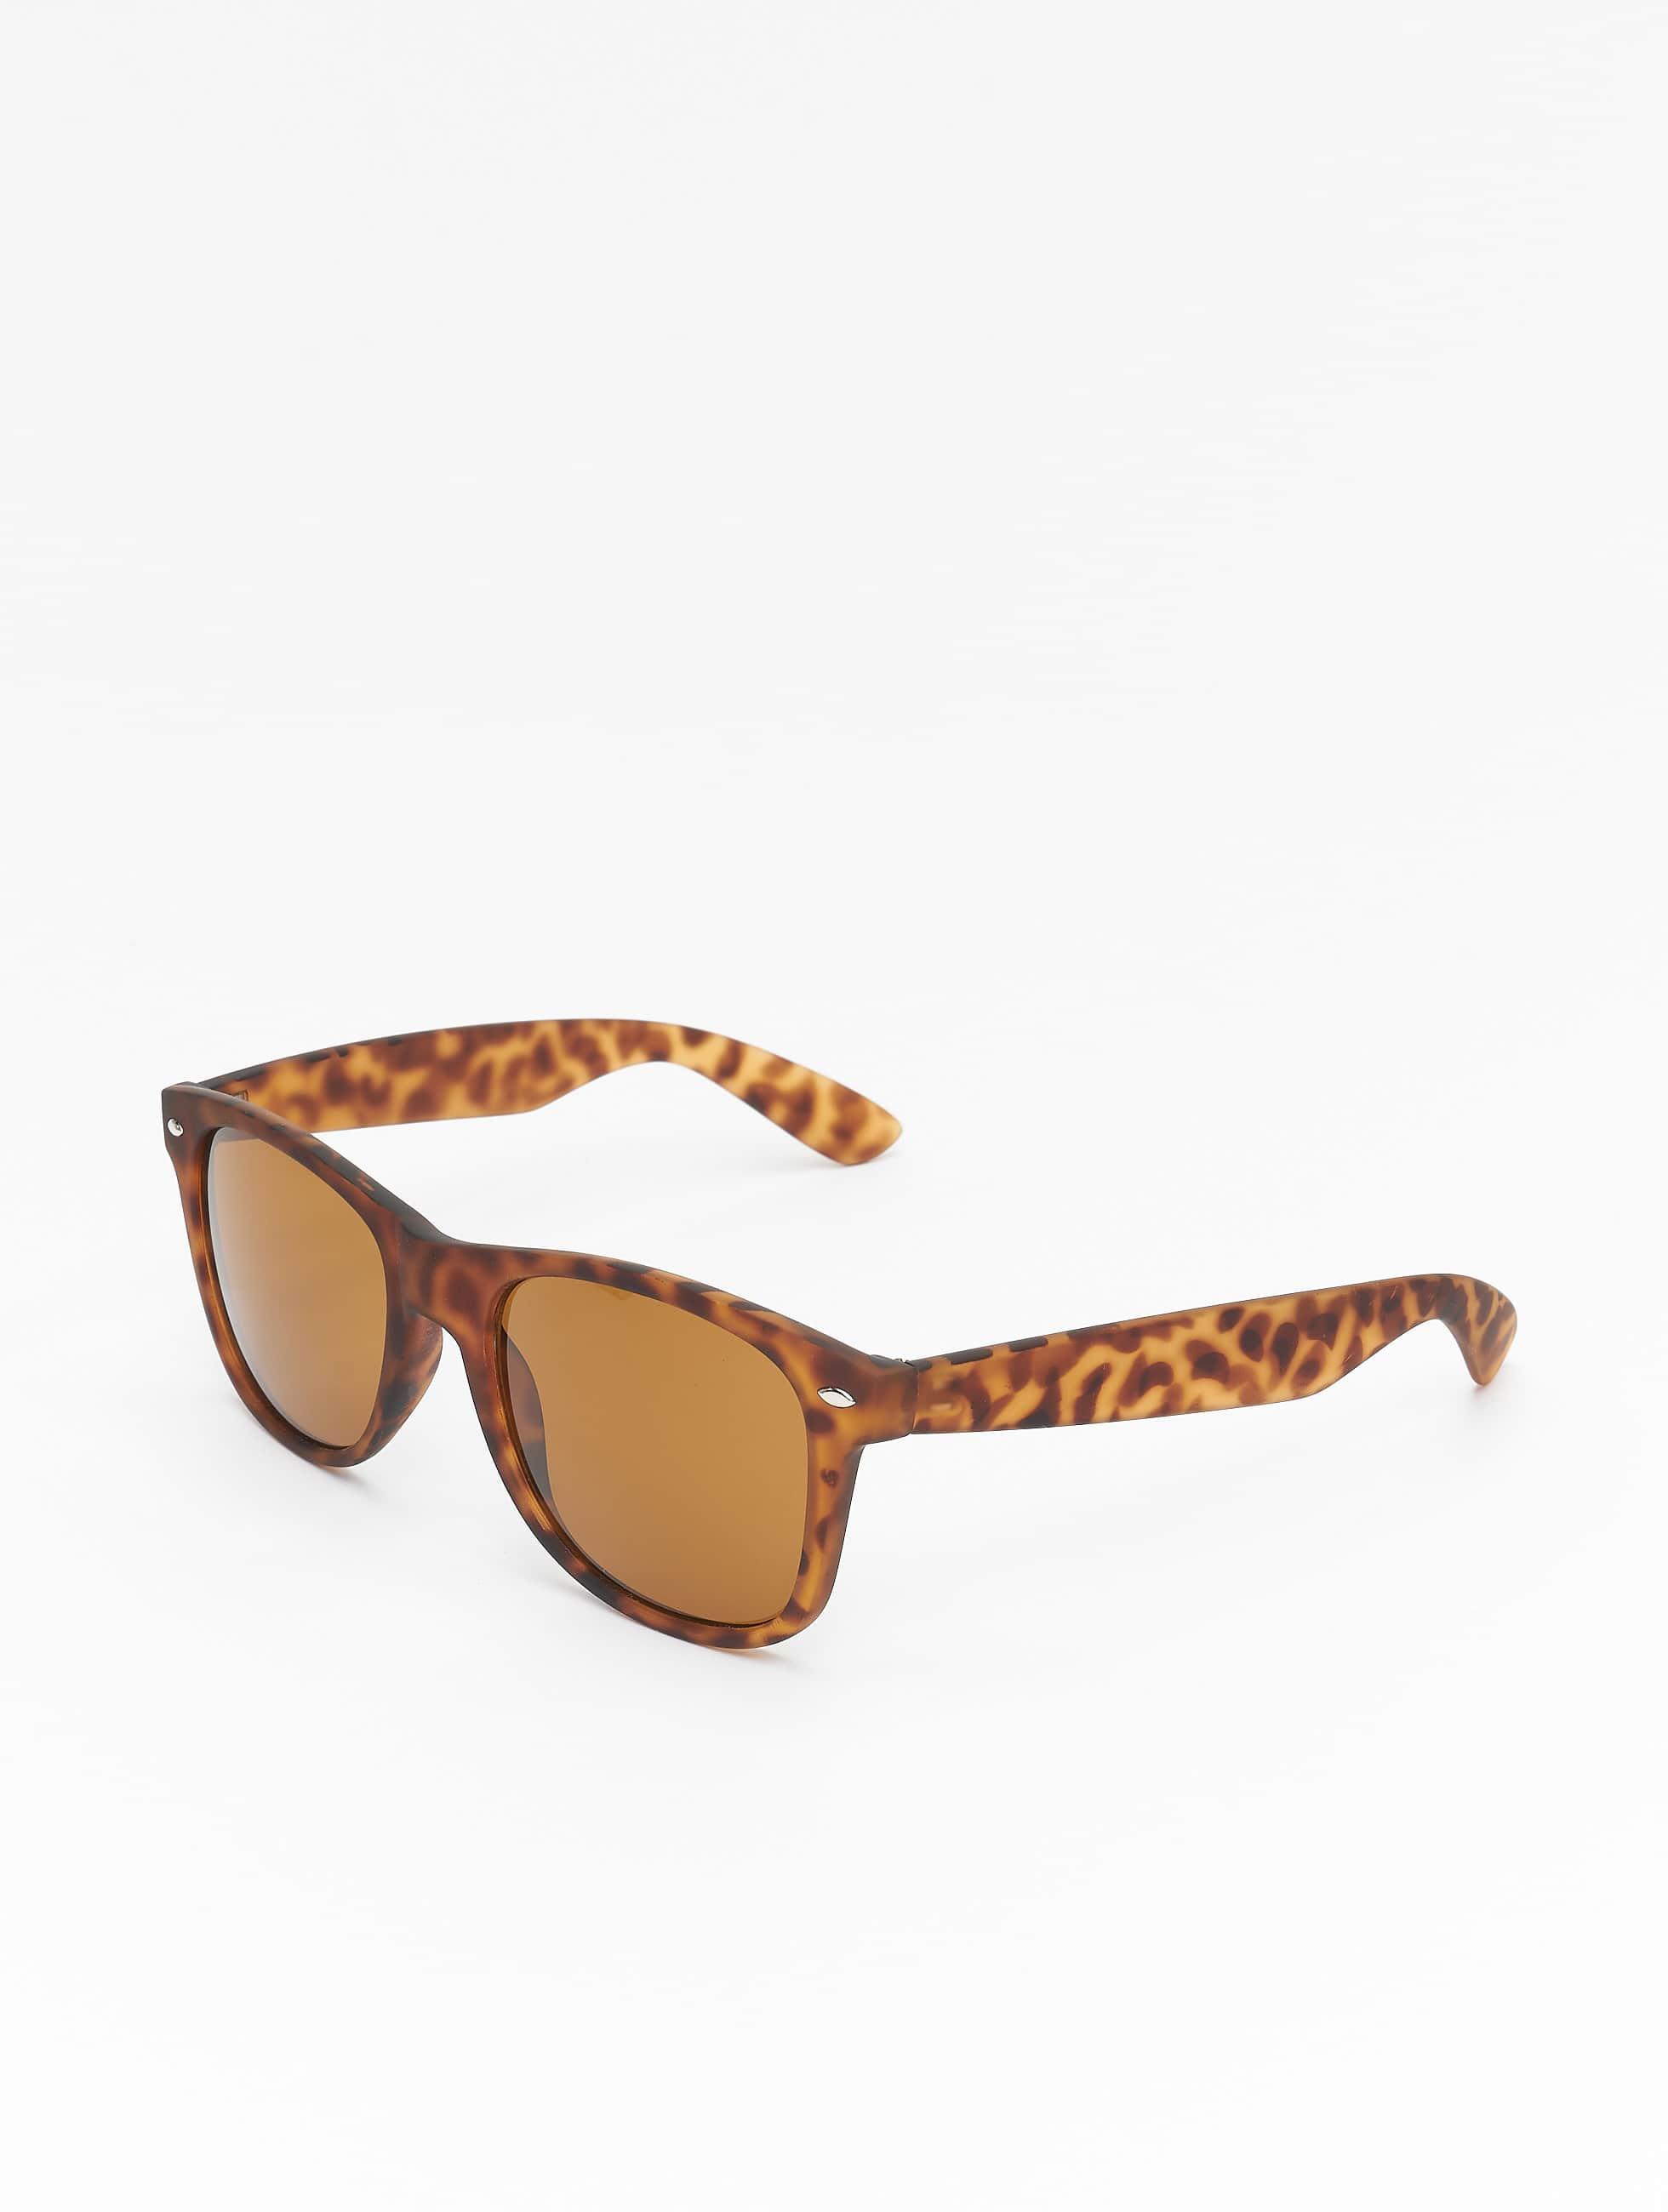 MSTRDS Lunettes de soleil Likoma brun